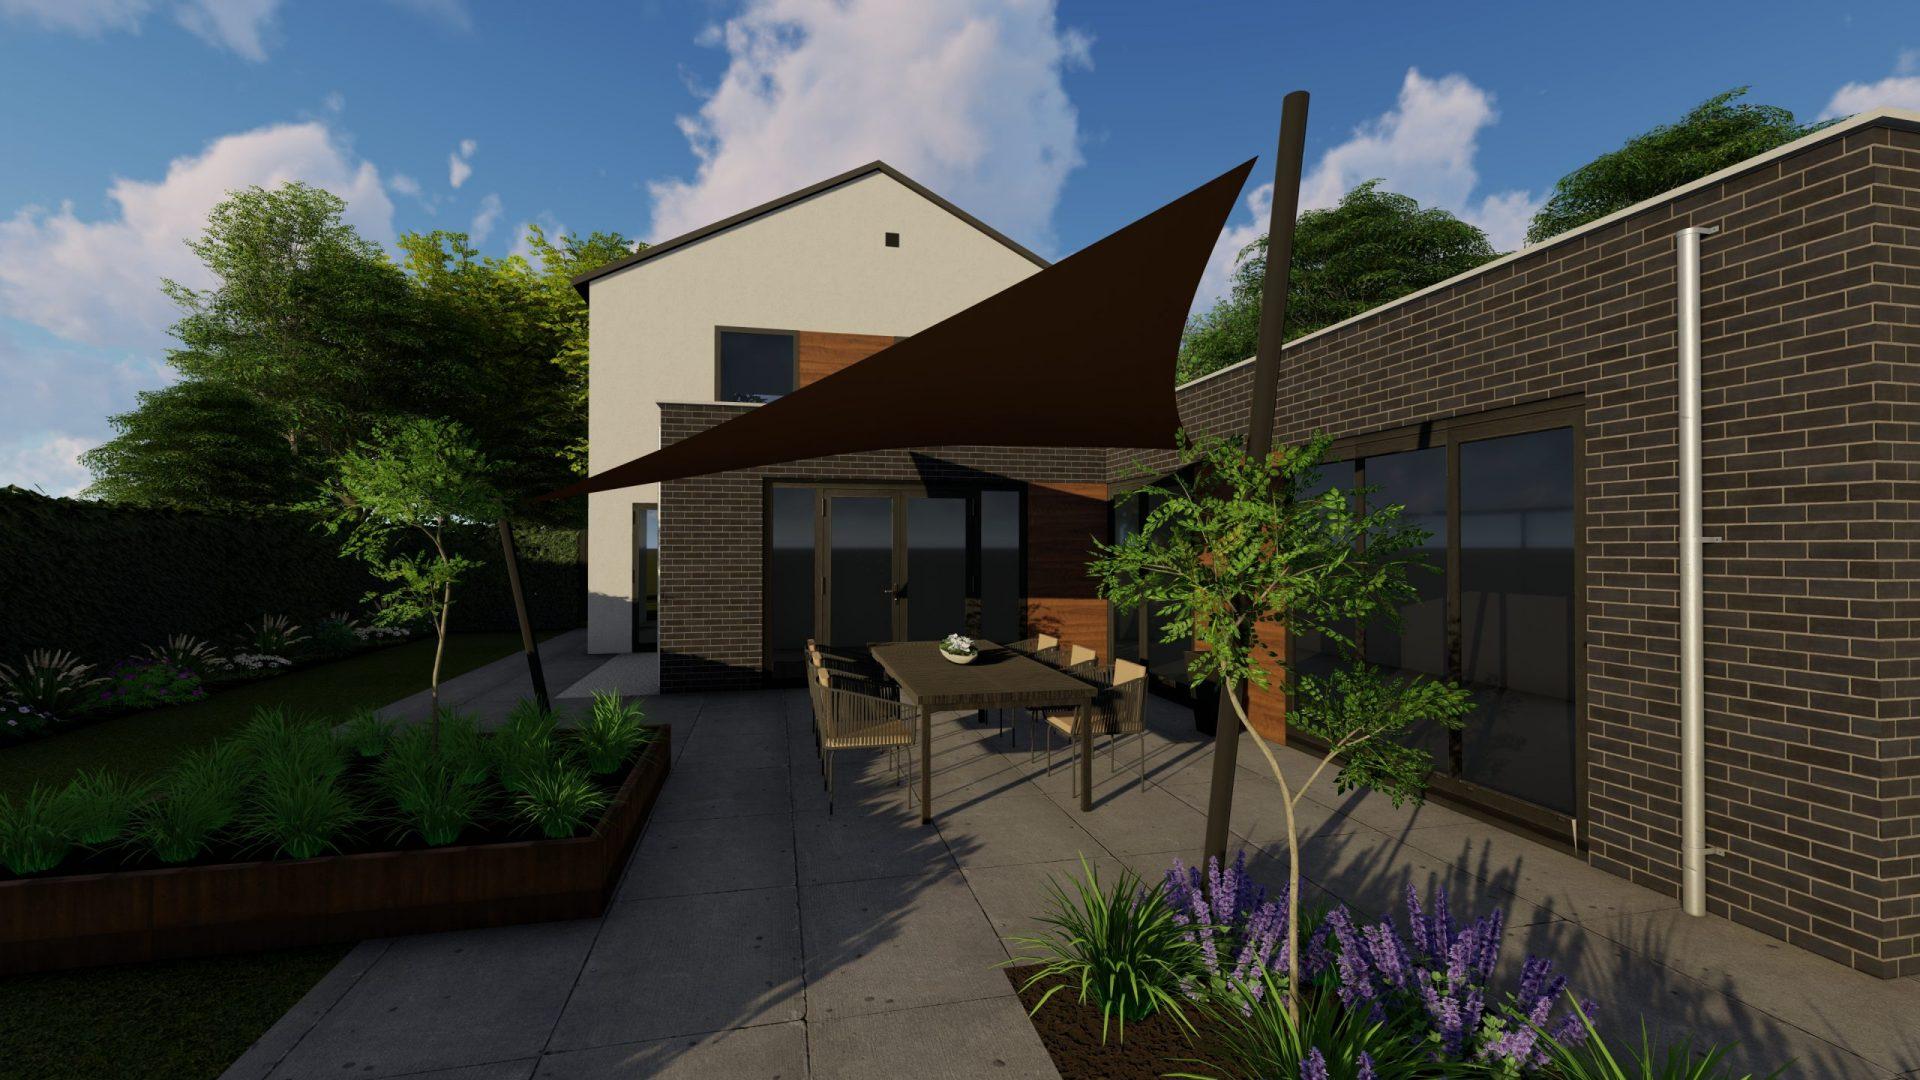 EPIC Living Garden Shelters - Kirstenbosch 3D 3